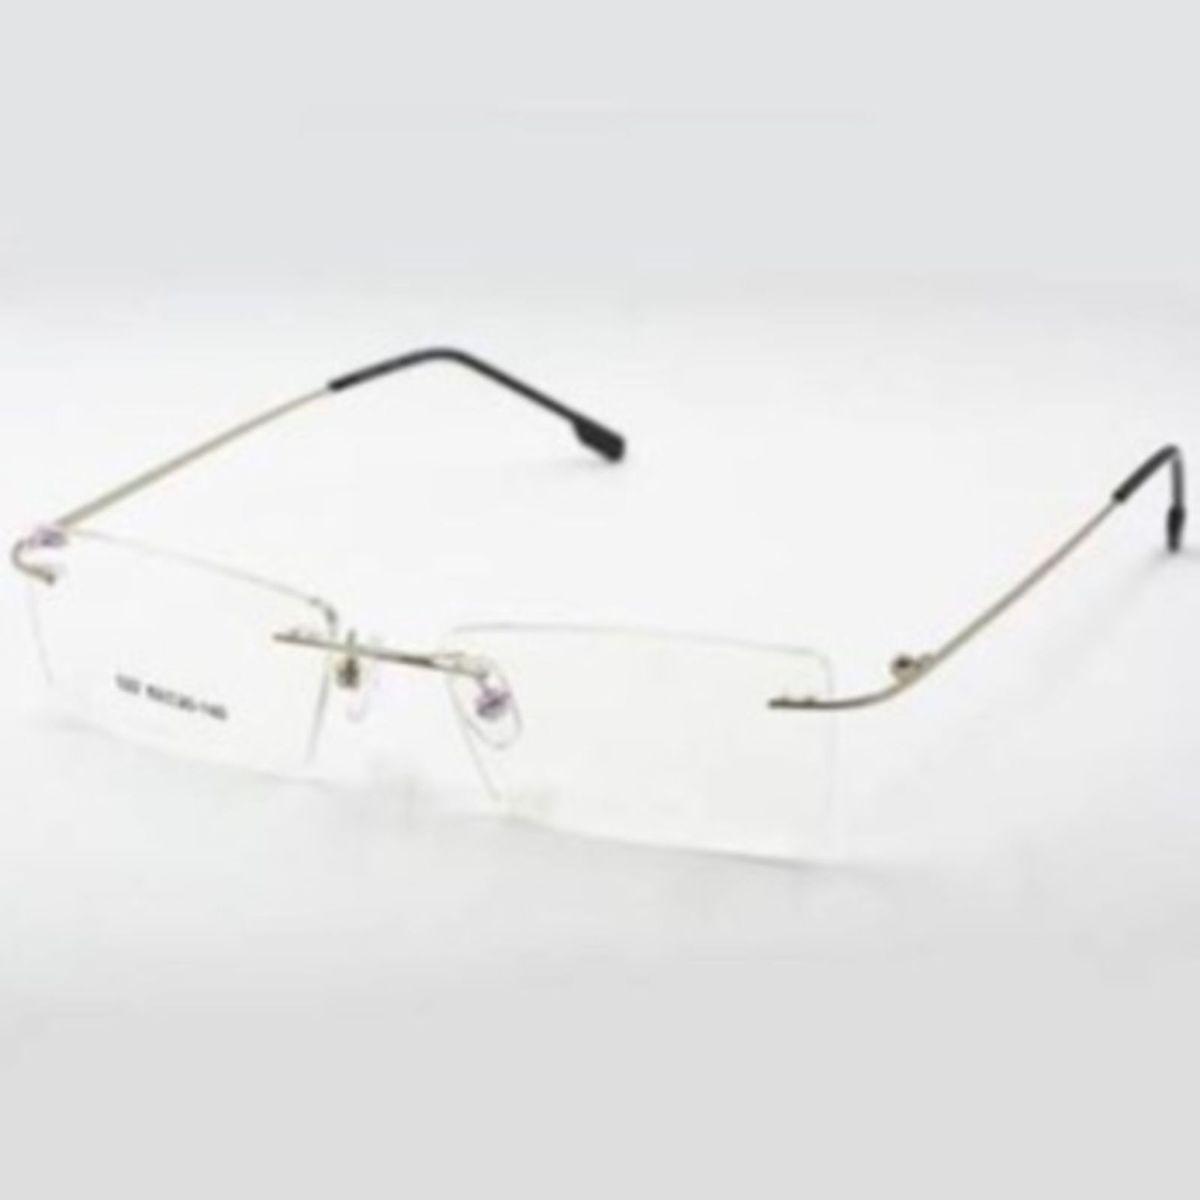 5a066b1fc Armação Oculos Grau Titânio Memory Original Feminino Masculino | Óculos  Masculino Titanium Memory Nunca Usado 22662561 | enjoei